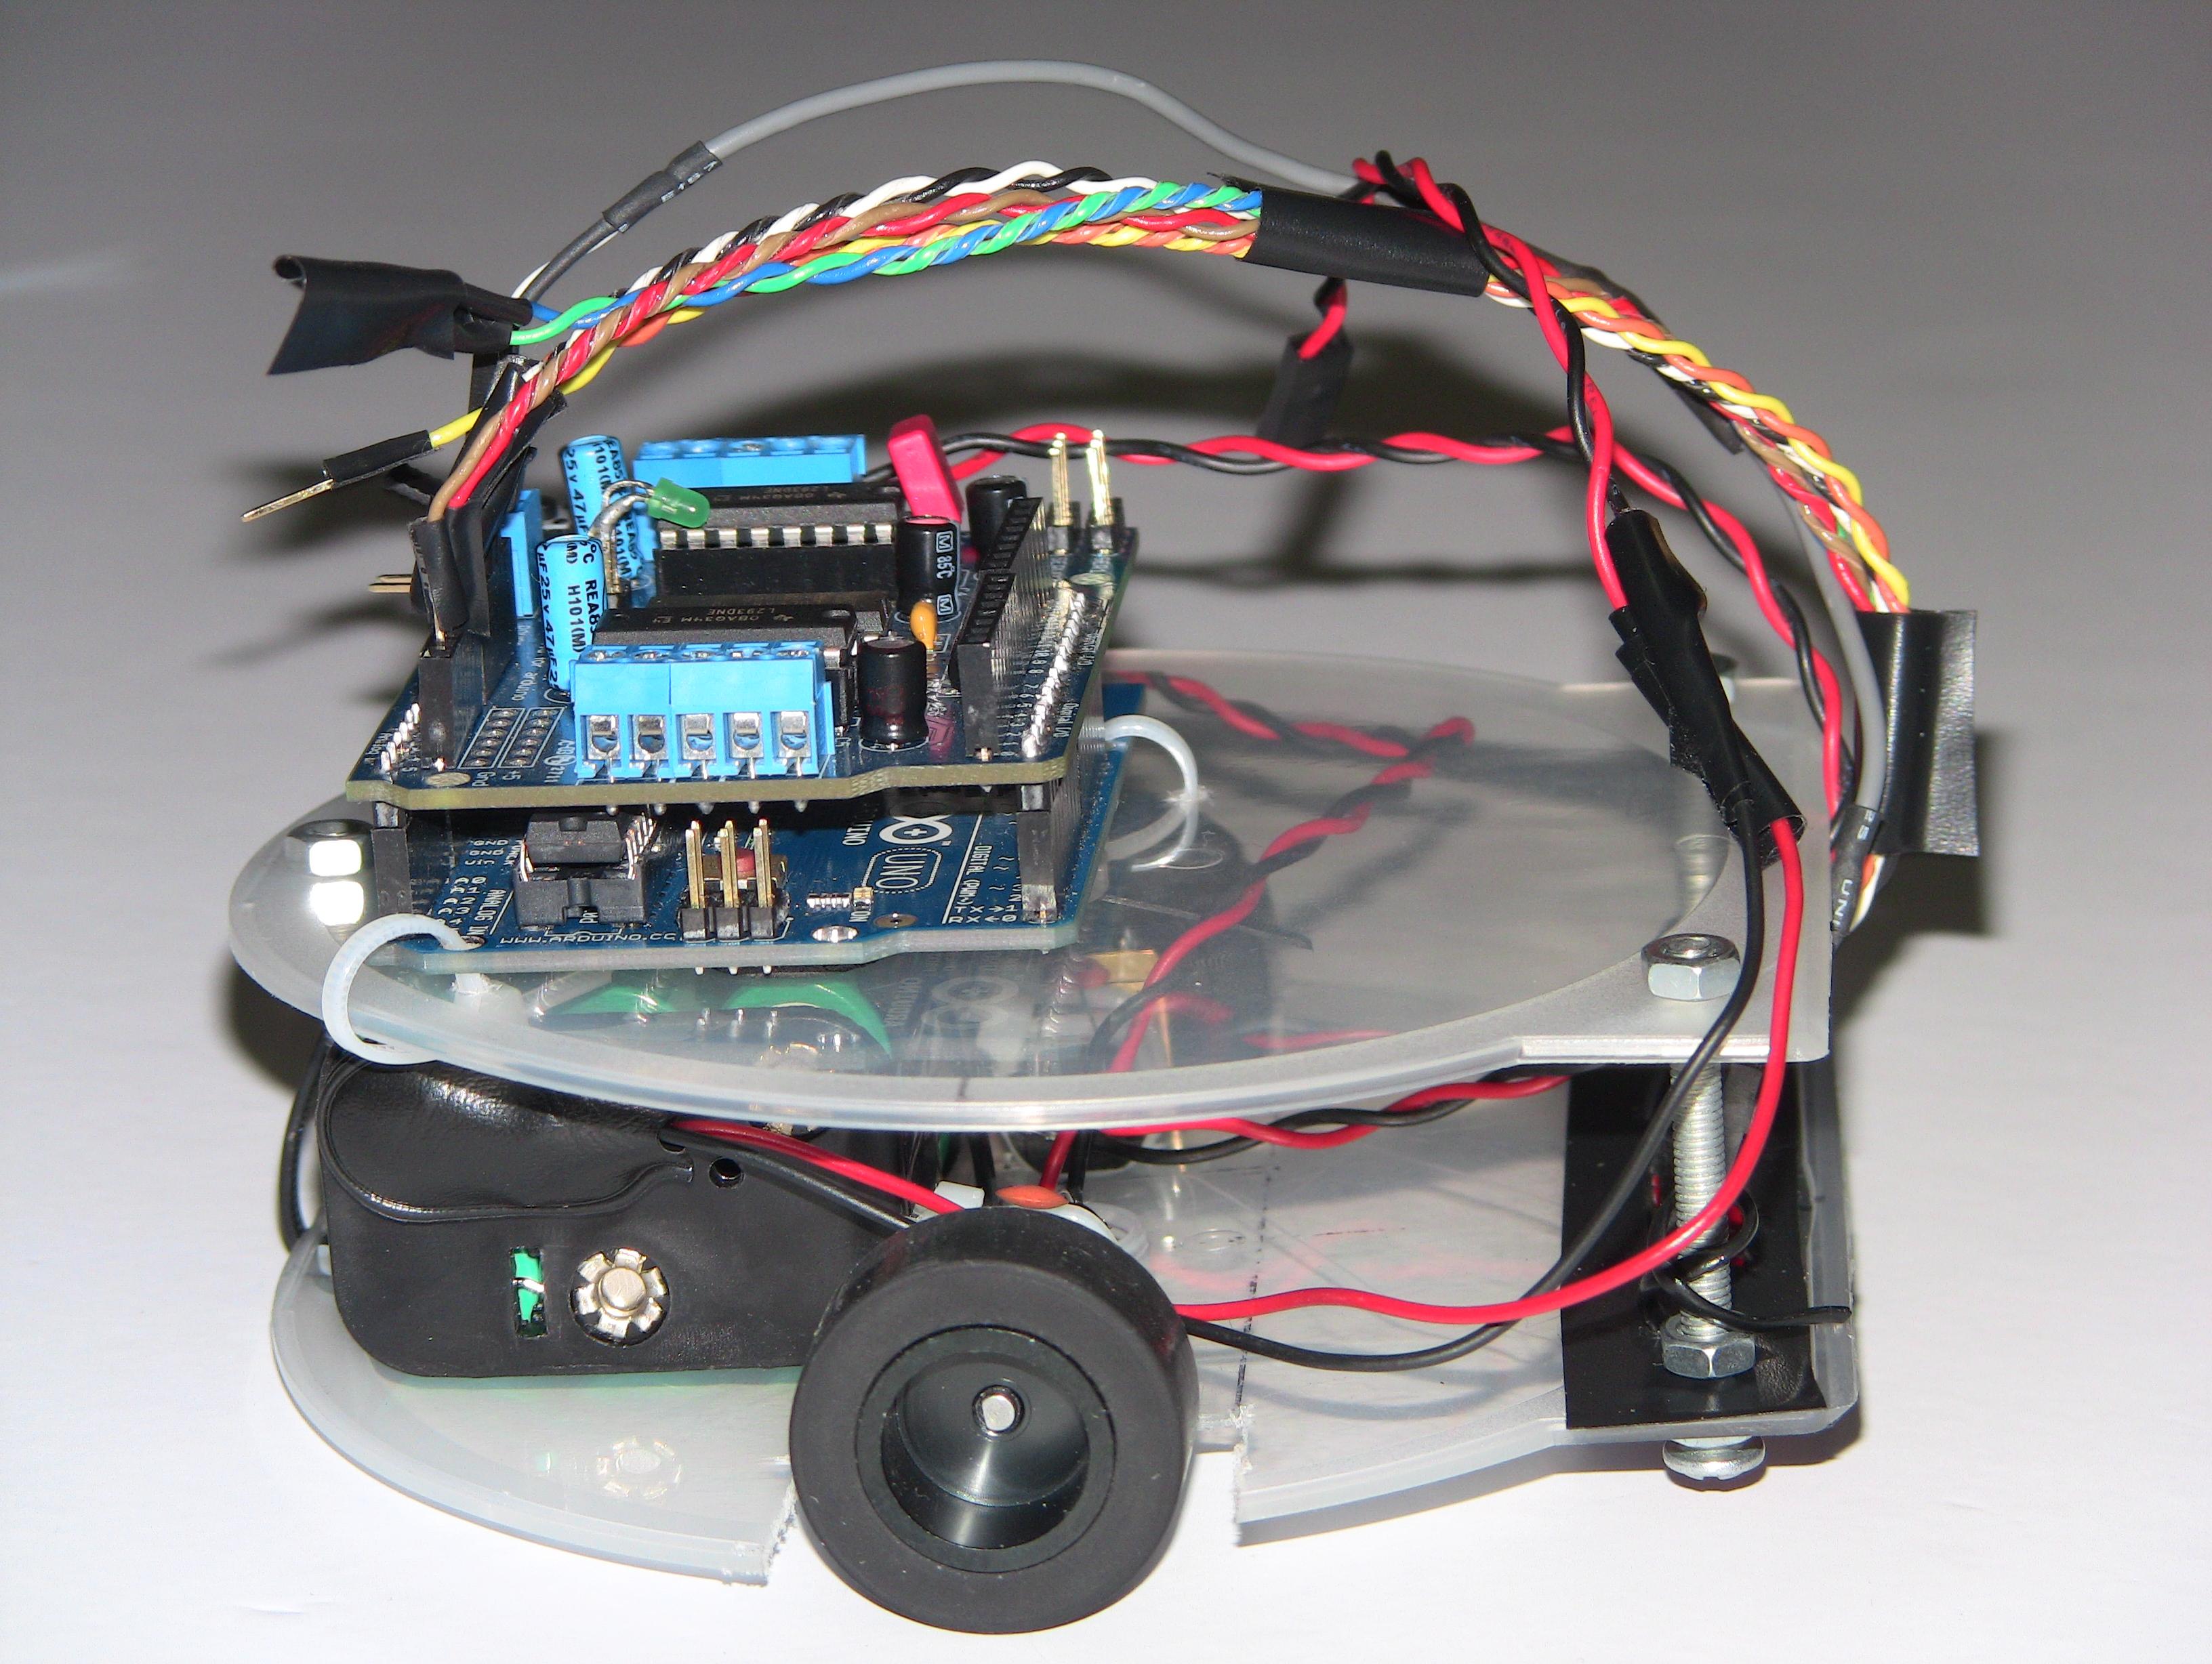 Arduino-based line follower robot using Pololu QTR-8RC line sensor